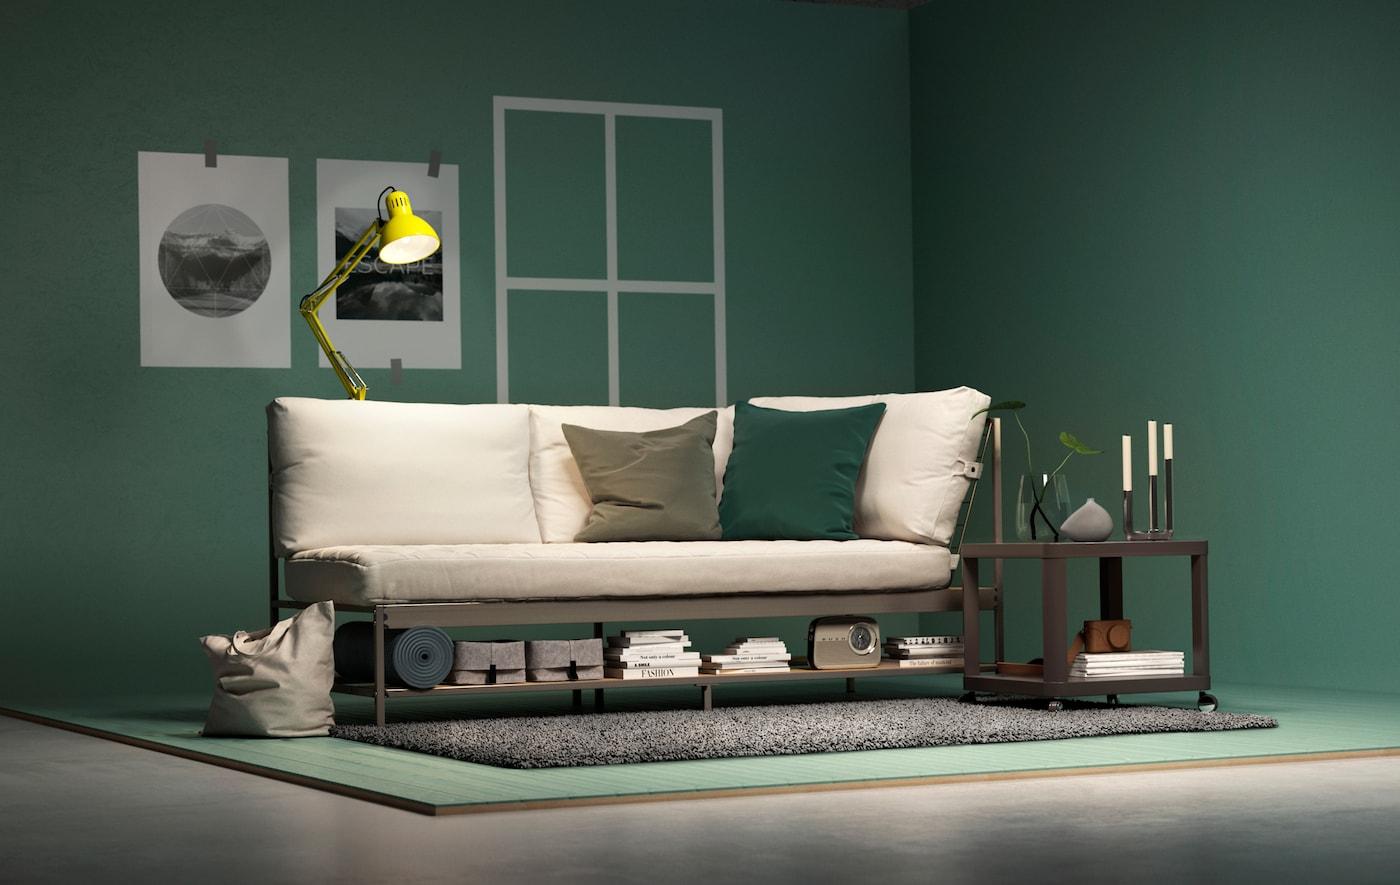 Un sofá IKEA EKEBOL, una mesa auxiliar TINGBY y una lámpara TERTIAL en un diseño de salón con paredes y suelo verdes.